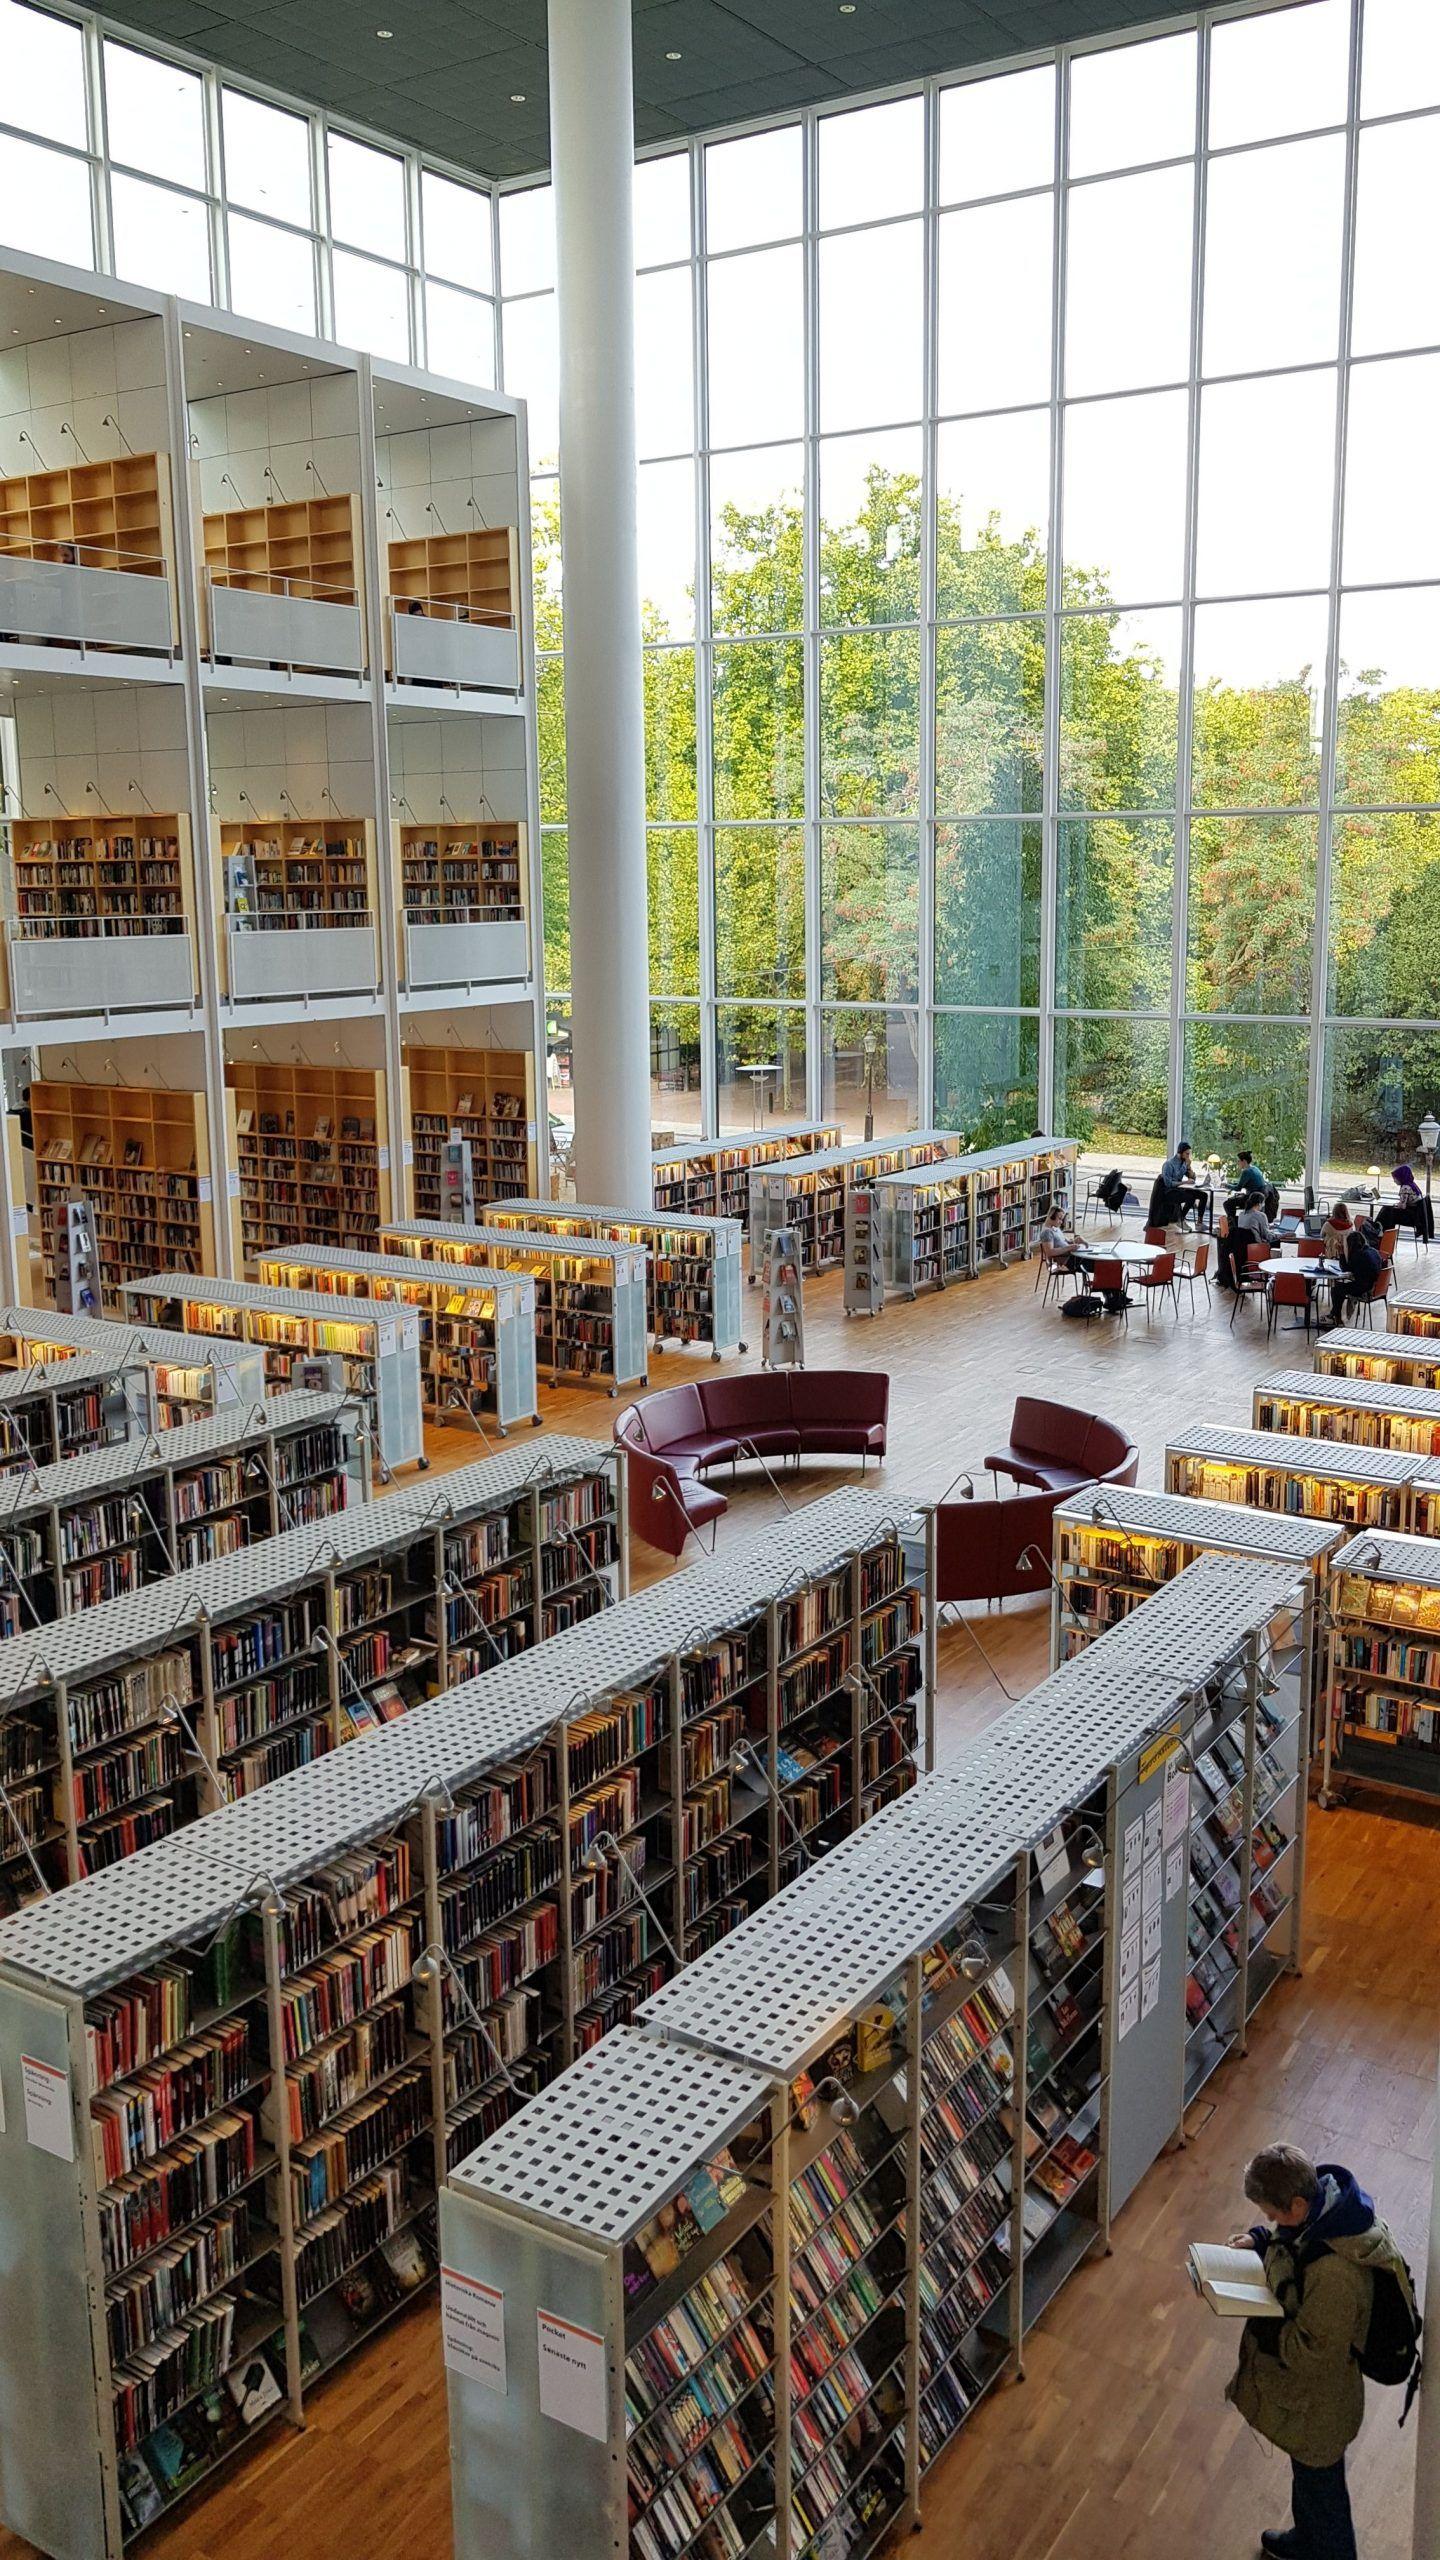 Biblioteca de Malmö con vistas al parque.